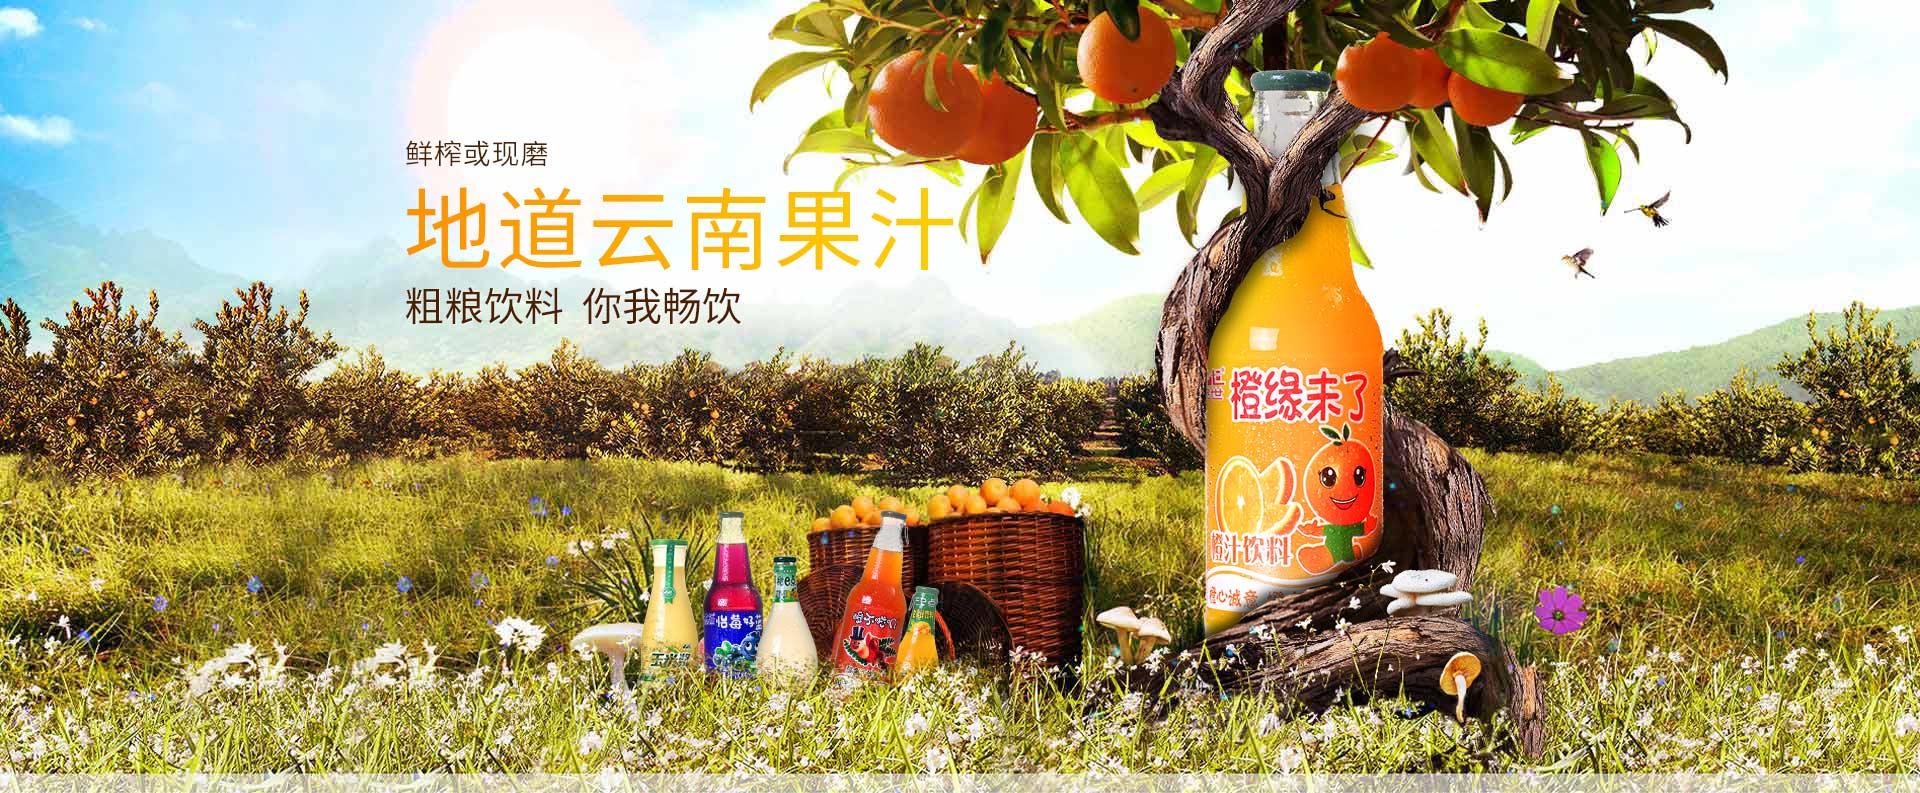 品世饮料,鲜榨或现磨,地道云南果汁